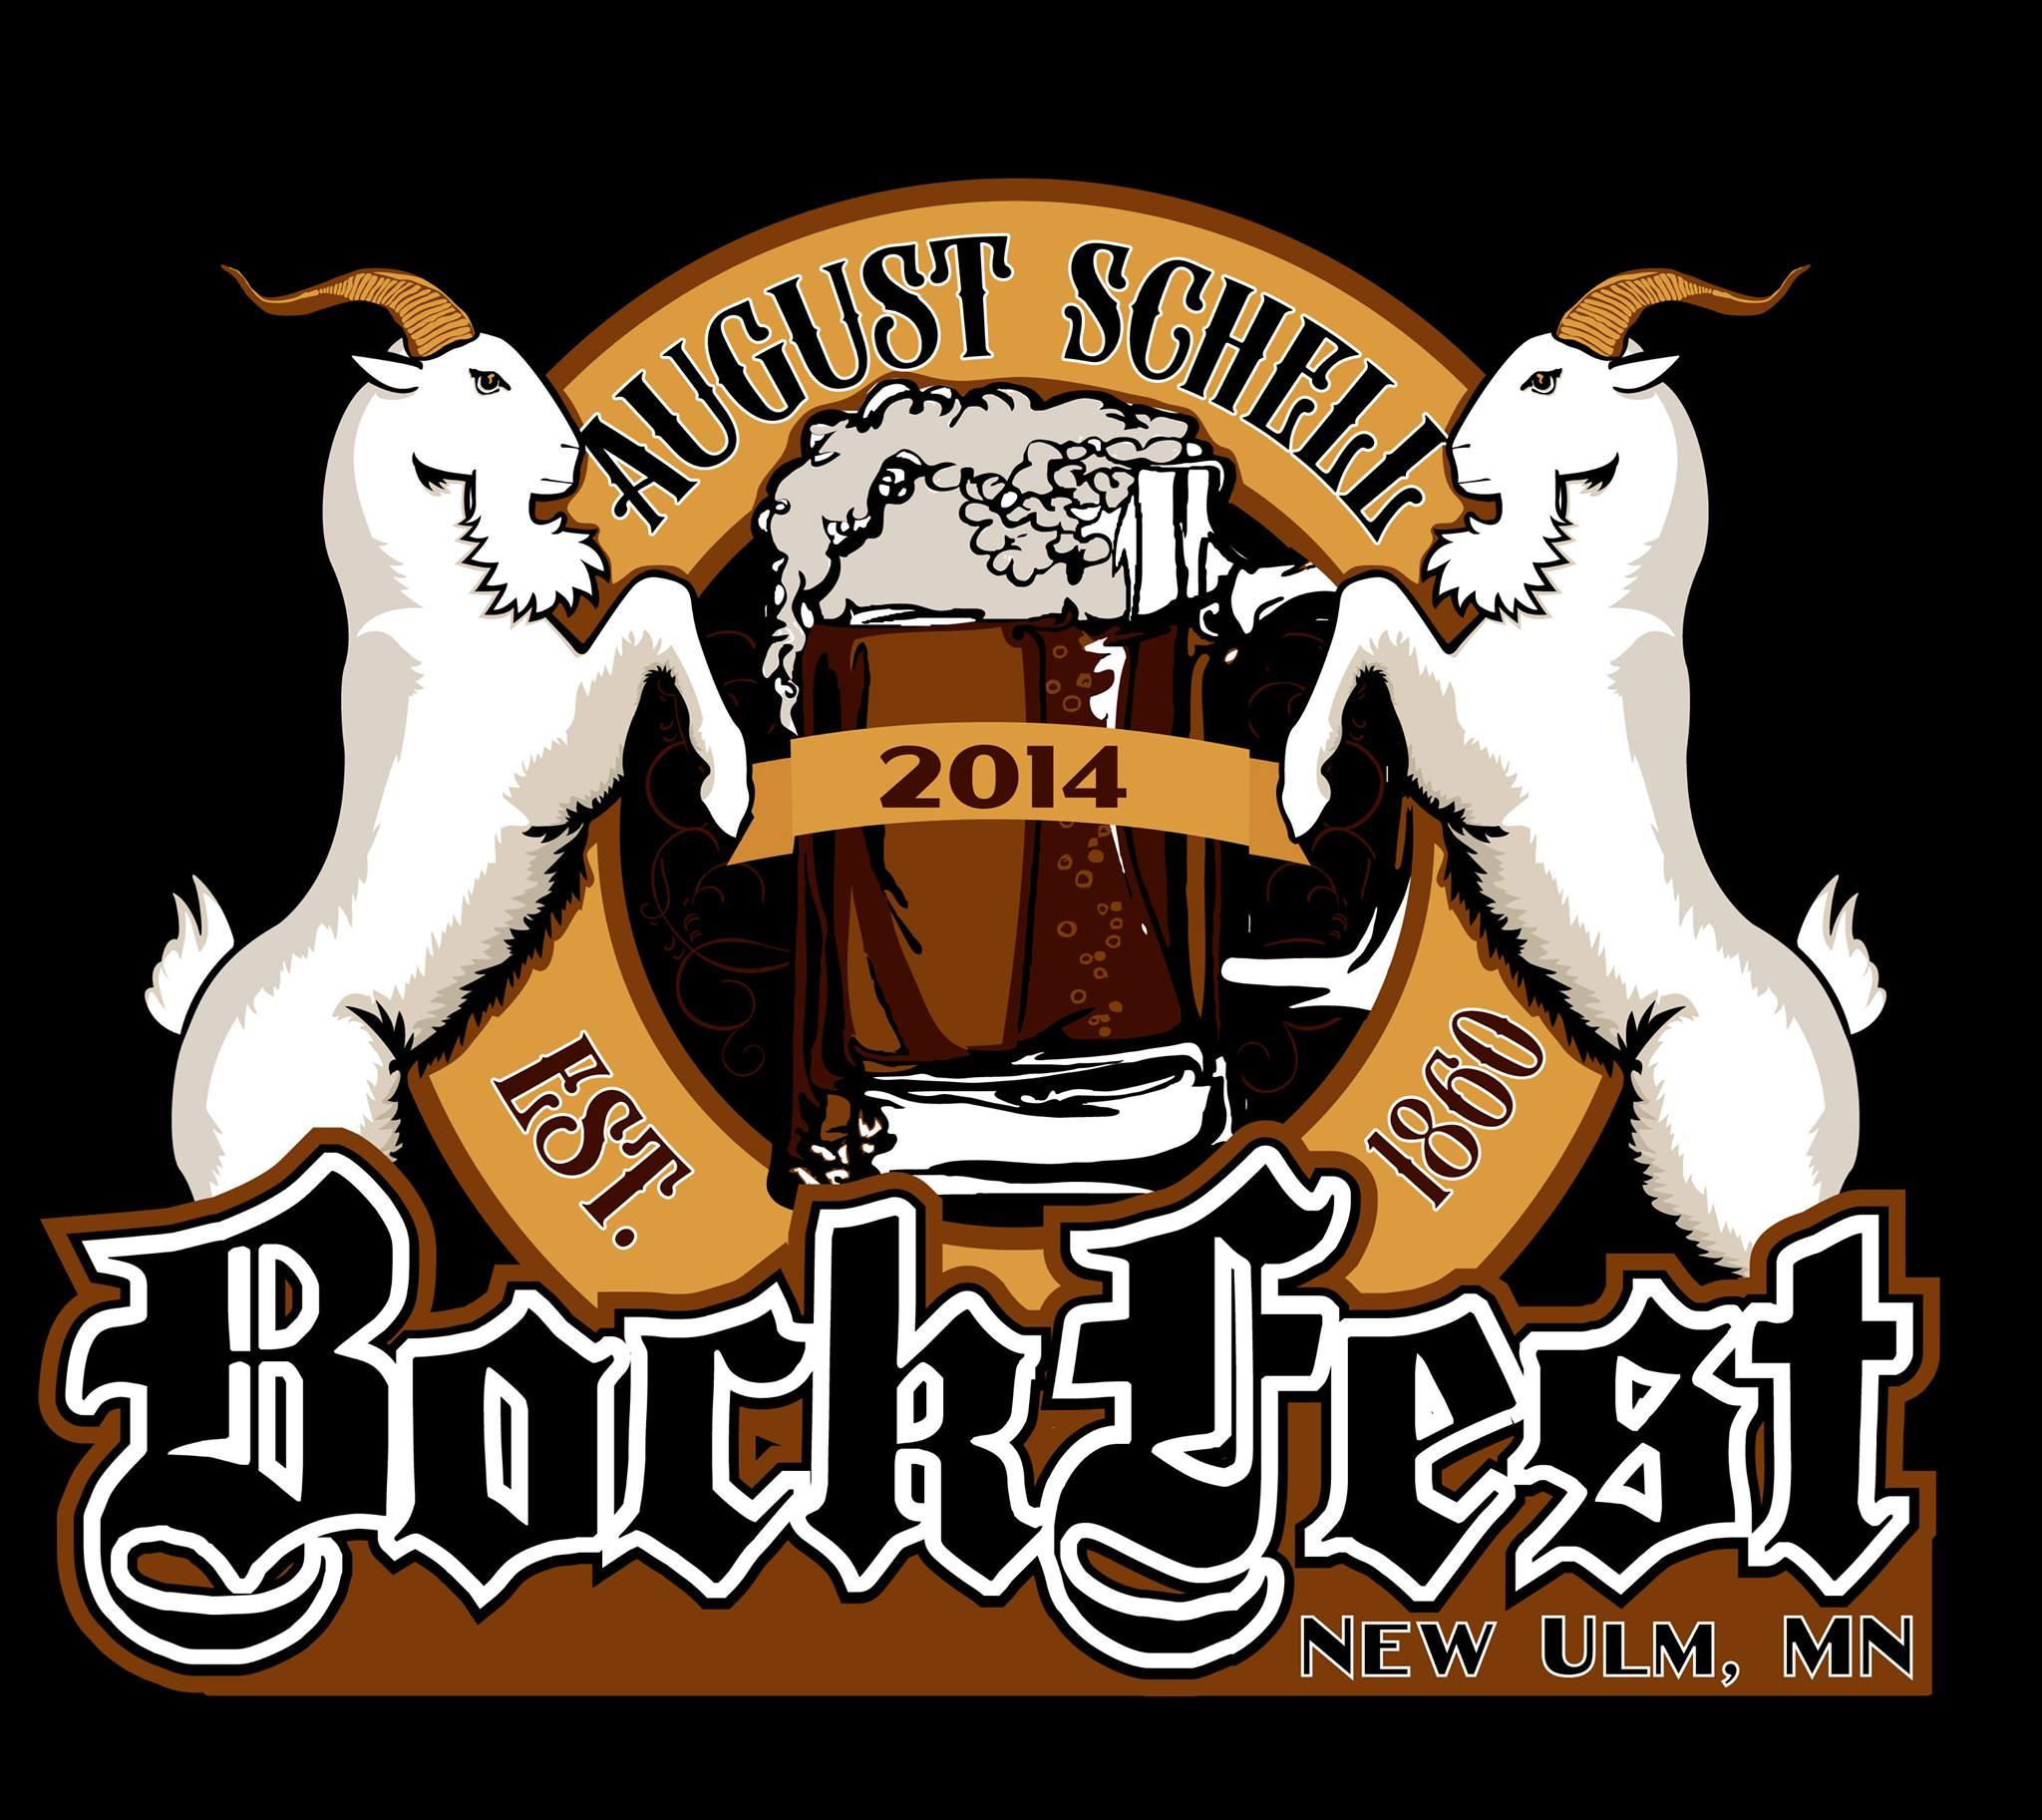 August Schell Bockfest 2014